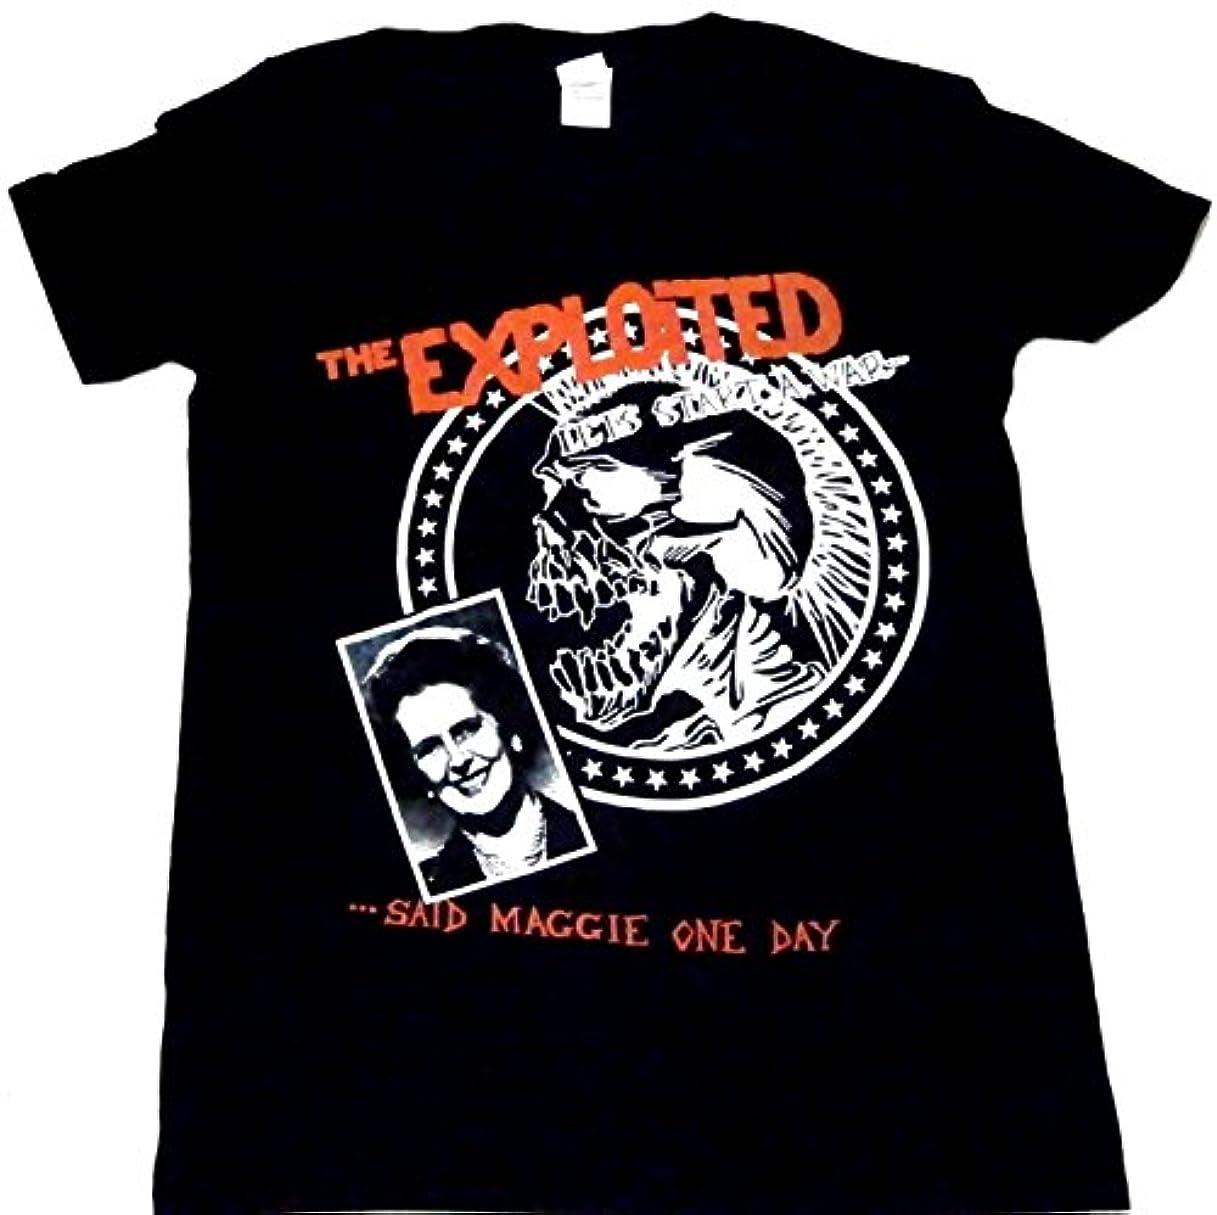 ふくろうレッスン浸食【THE EXPLOITED】エクスプロイテッド オフィシャルバンドTシャツ#3